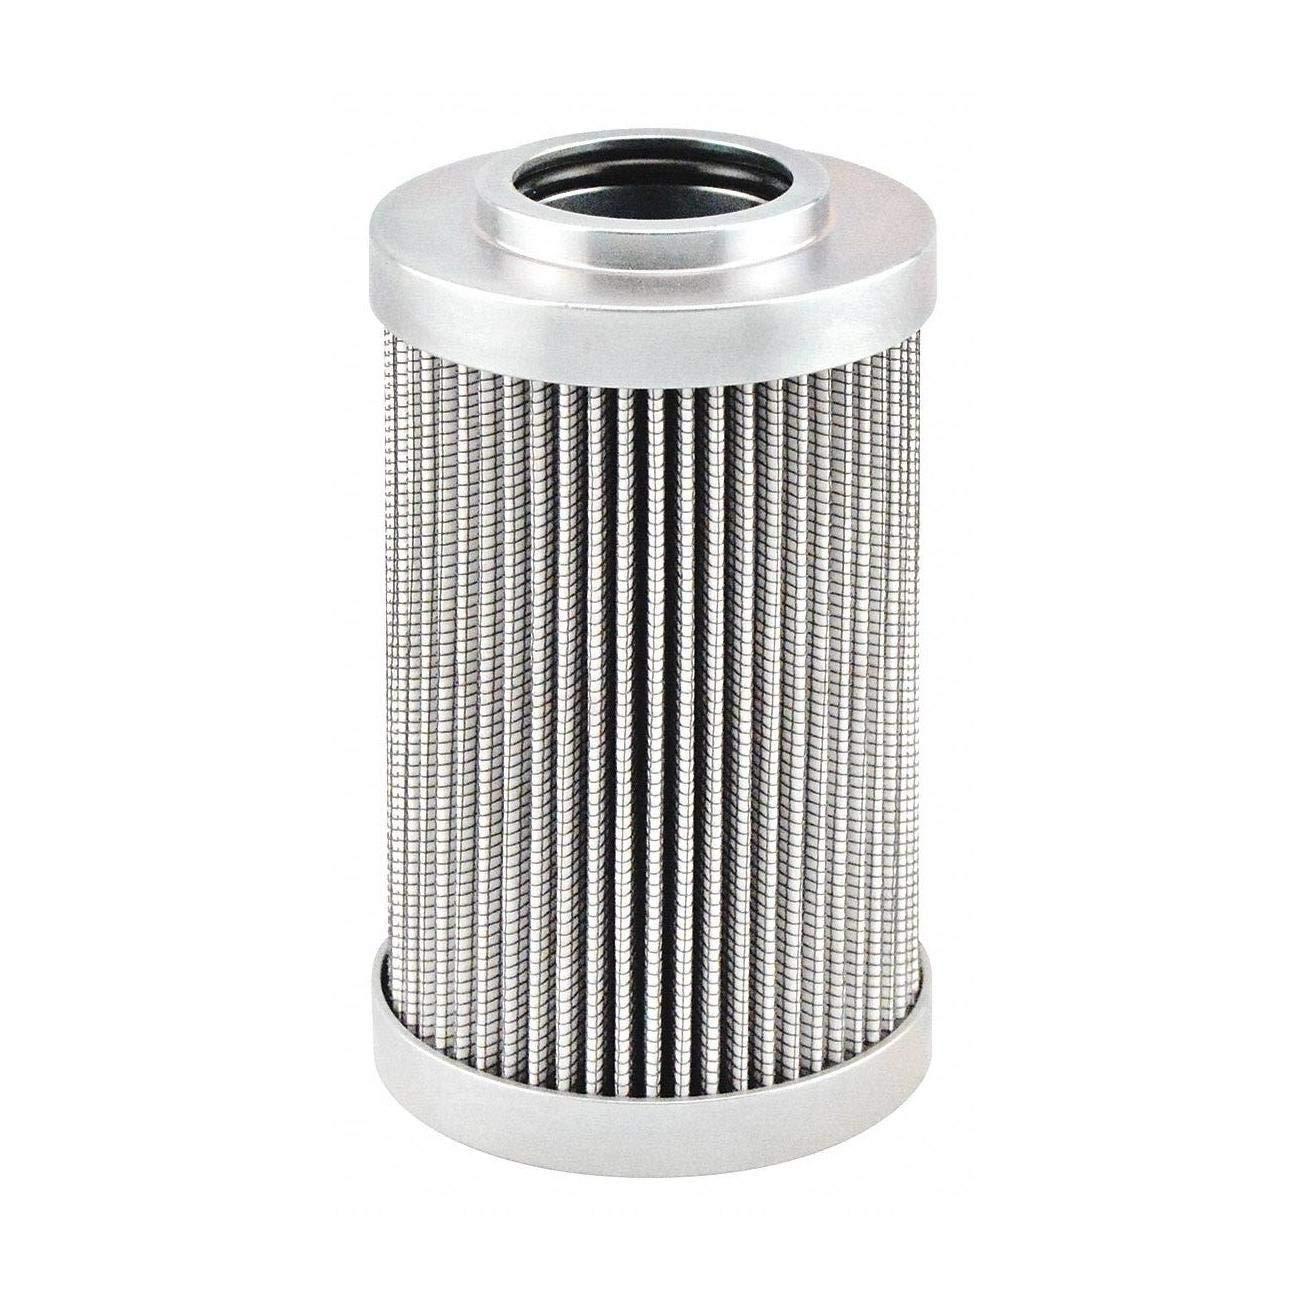 Baldwin Filters PT8955-MPG Heavy Duty Hydraulic Filter 2-23//32 x 4-17//32 In